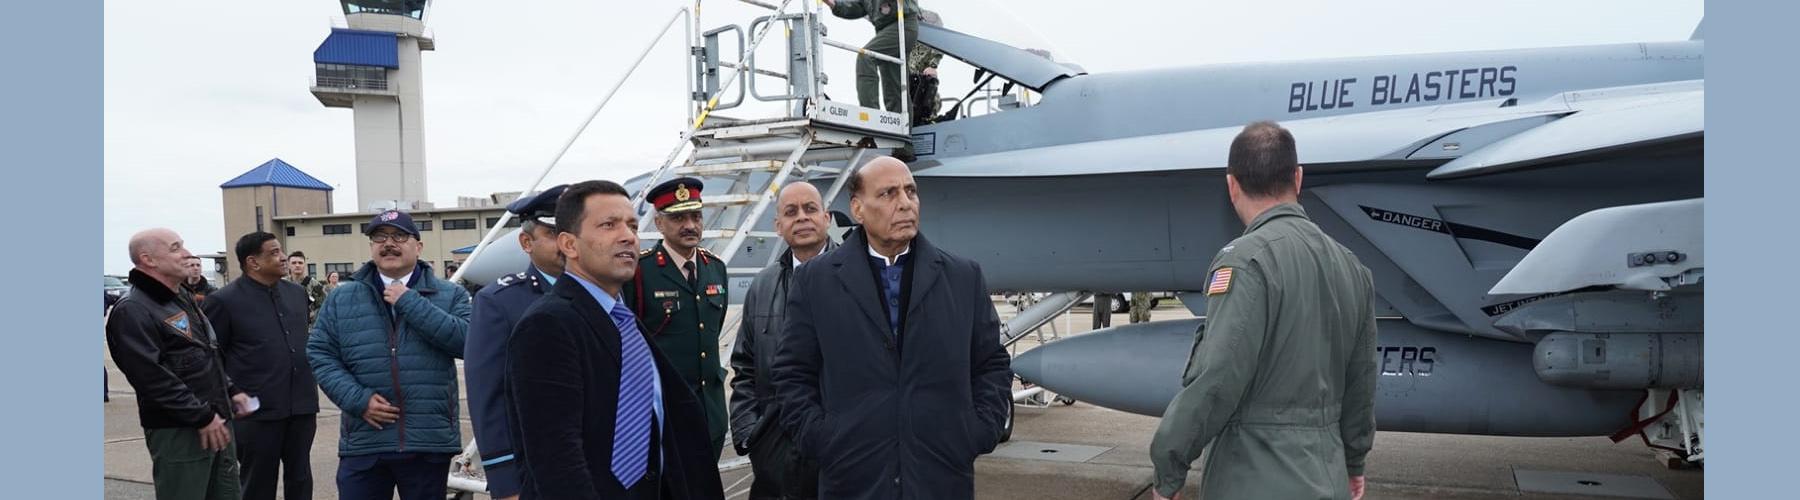 रक्षा मंत्री श्री राजनाथ सिंह मंगलवार 17 दिसम्बर 2019 को संयुक्त राज्य अमेरिका के वर्जिनिया में नेवल एयर स्टेशन (NAS) ओशियाना का दौरा करते हुए